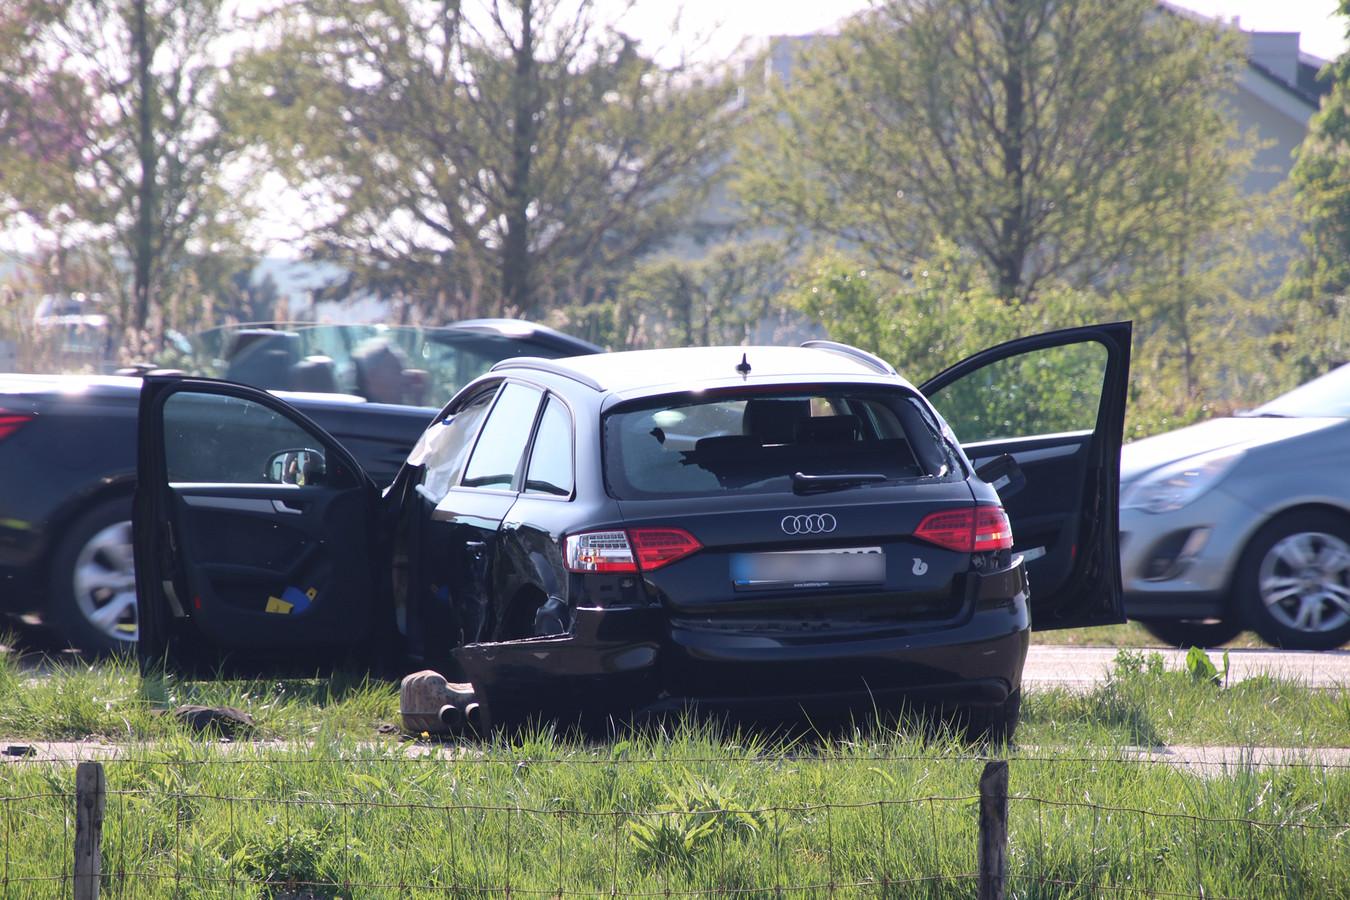 De voertuigen raakten zwaar beschadigd bij de botsing.